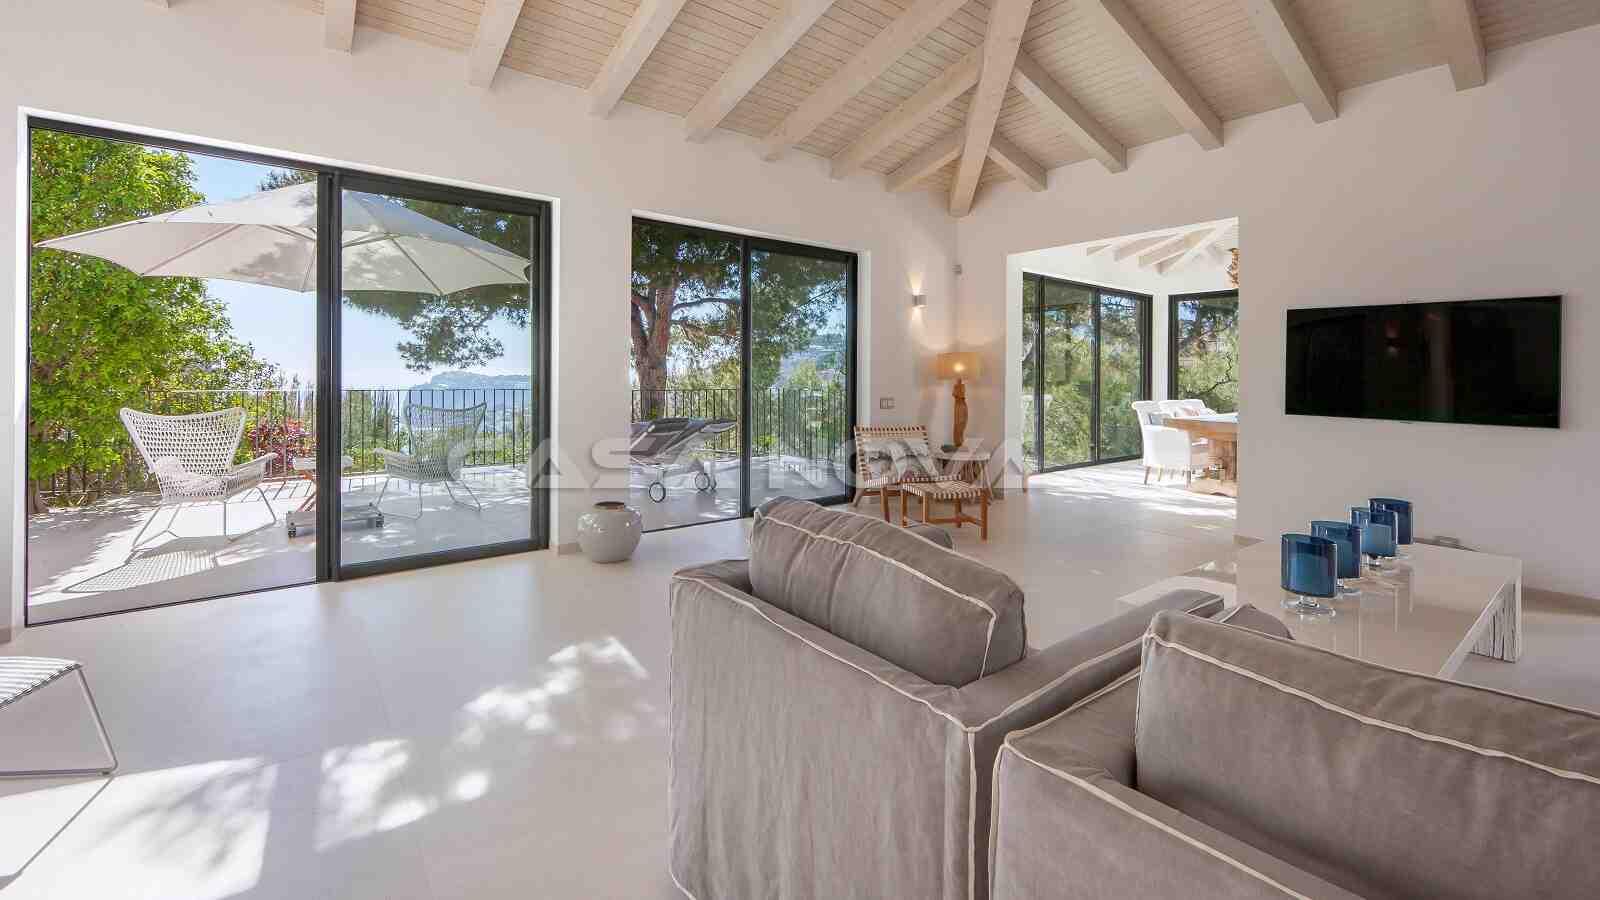 Offener Wohnbereich mit Kamin und Terrassenzugang